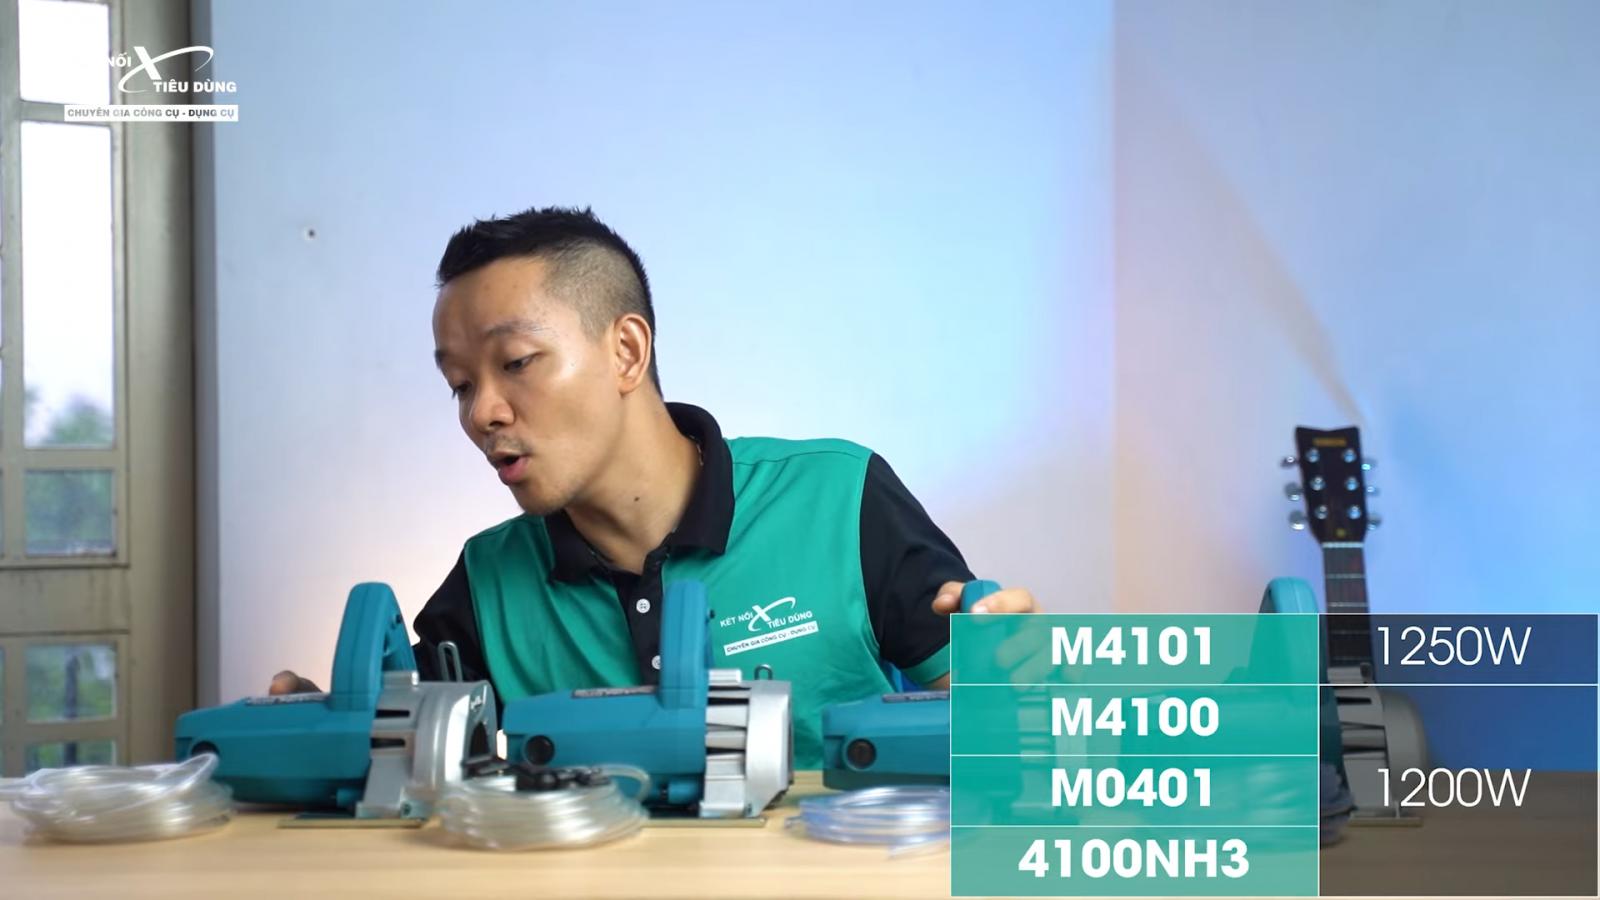 So sánh 4 con máy cắt gạch Makita 4100NH3, M4100, M4101, M0401 trong tầm giá hơn 1 triệu đồng